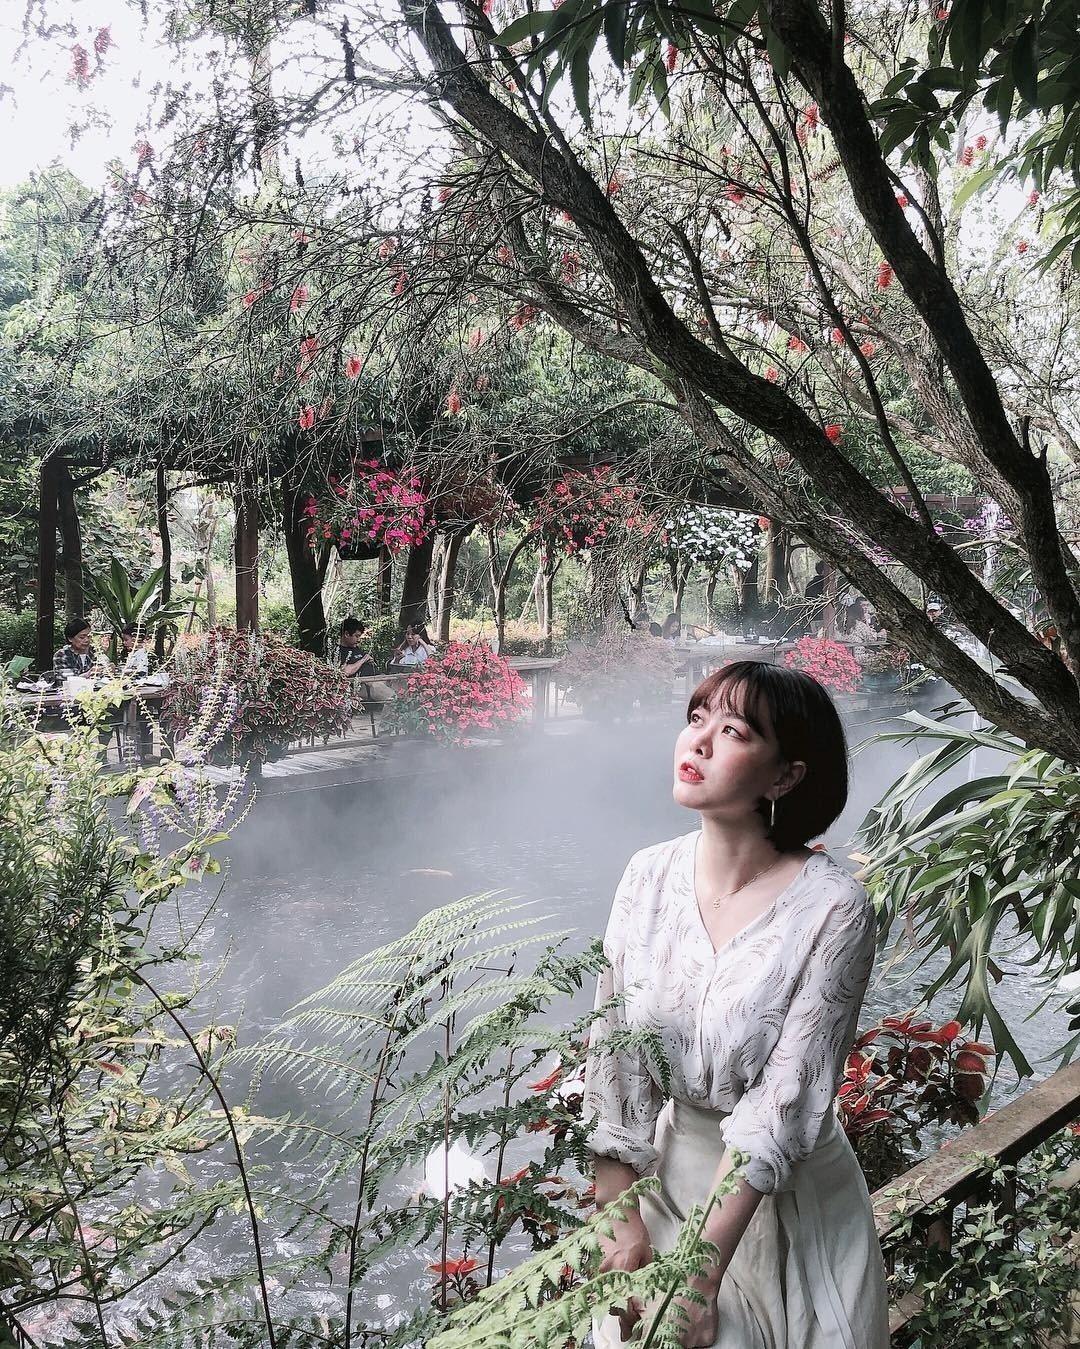 圖/雨林部落旁的霧氣點綴,網友看起來像個小仙女。網友colorwuwu授權